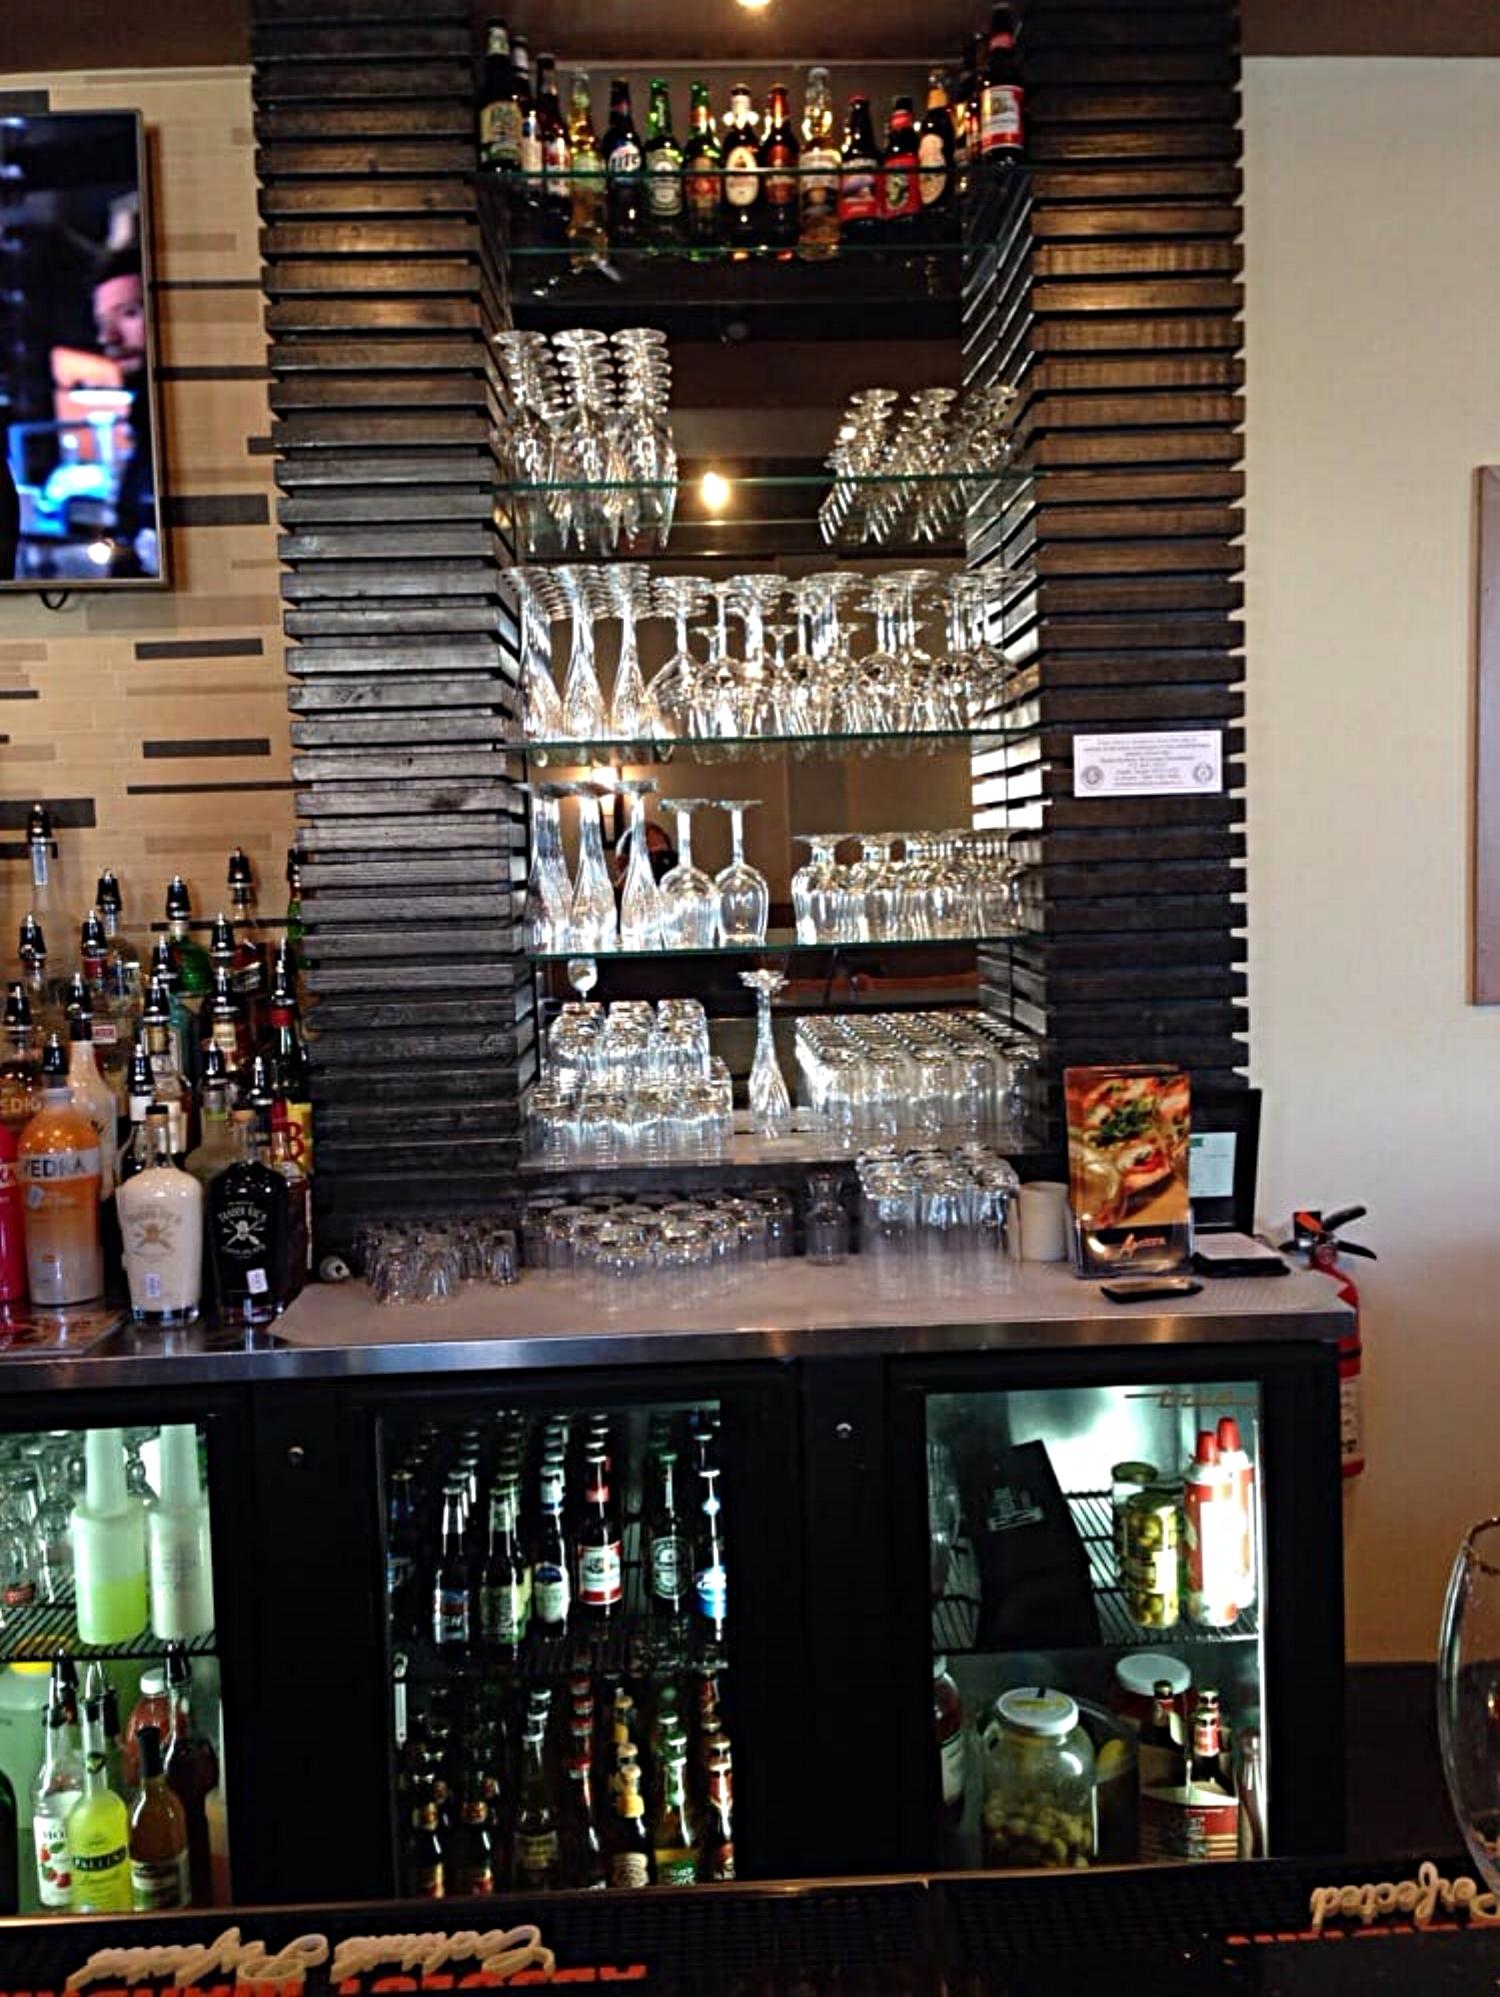 Back Bar, Retail, Southlake, (DFW) Texas